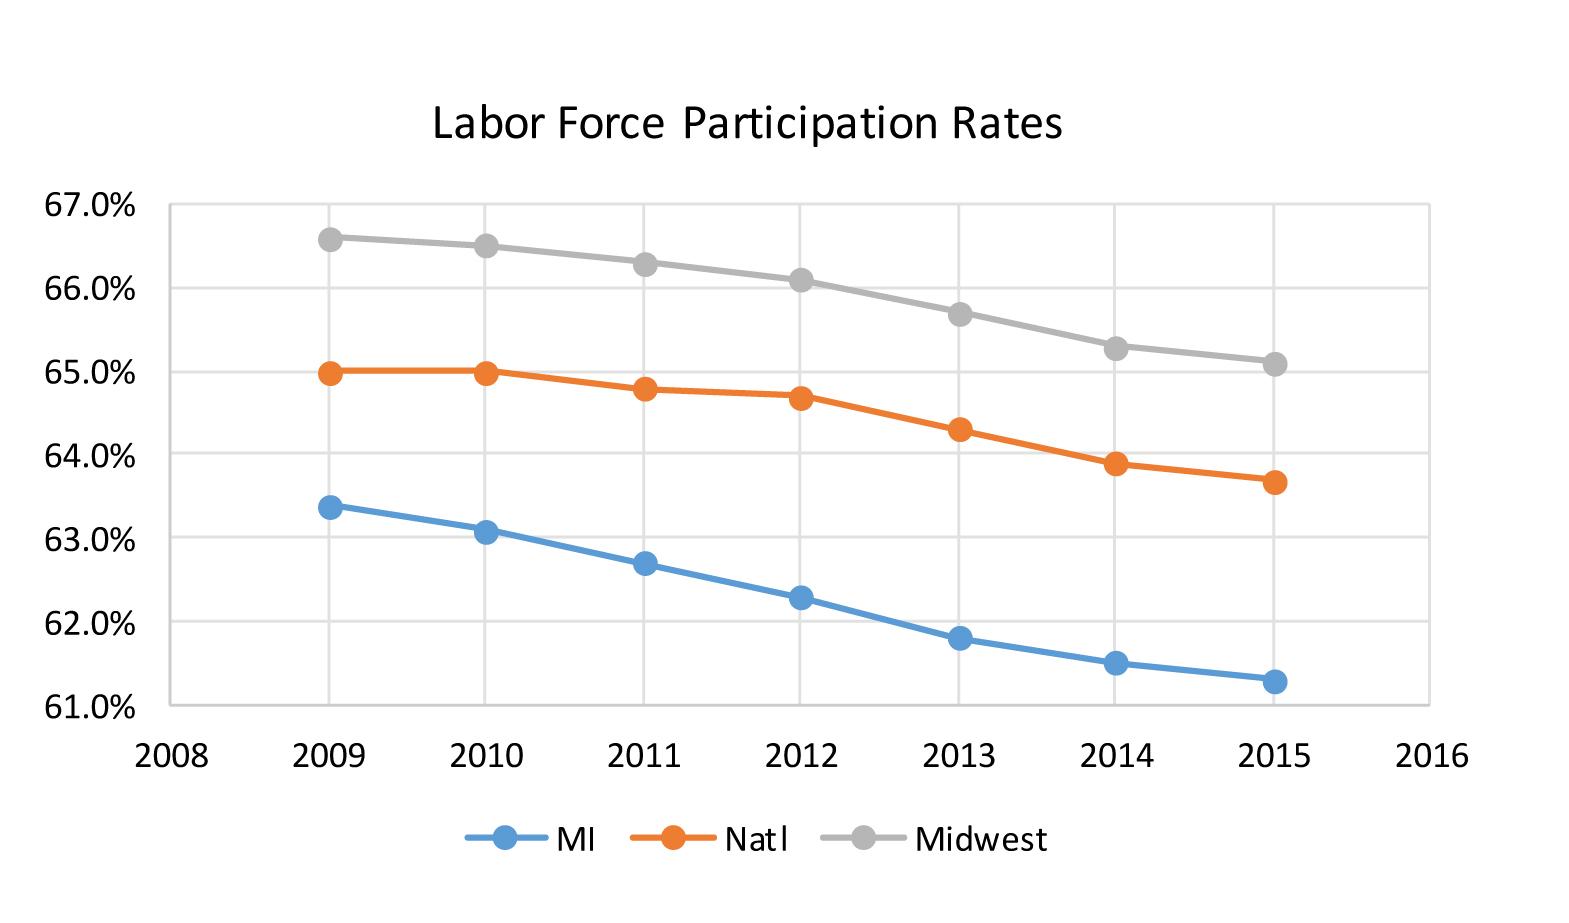 Labor Force Participation Rates graph